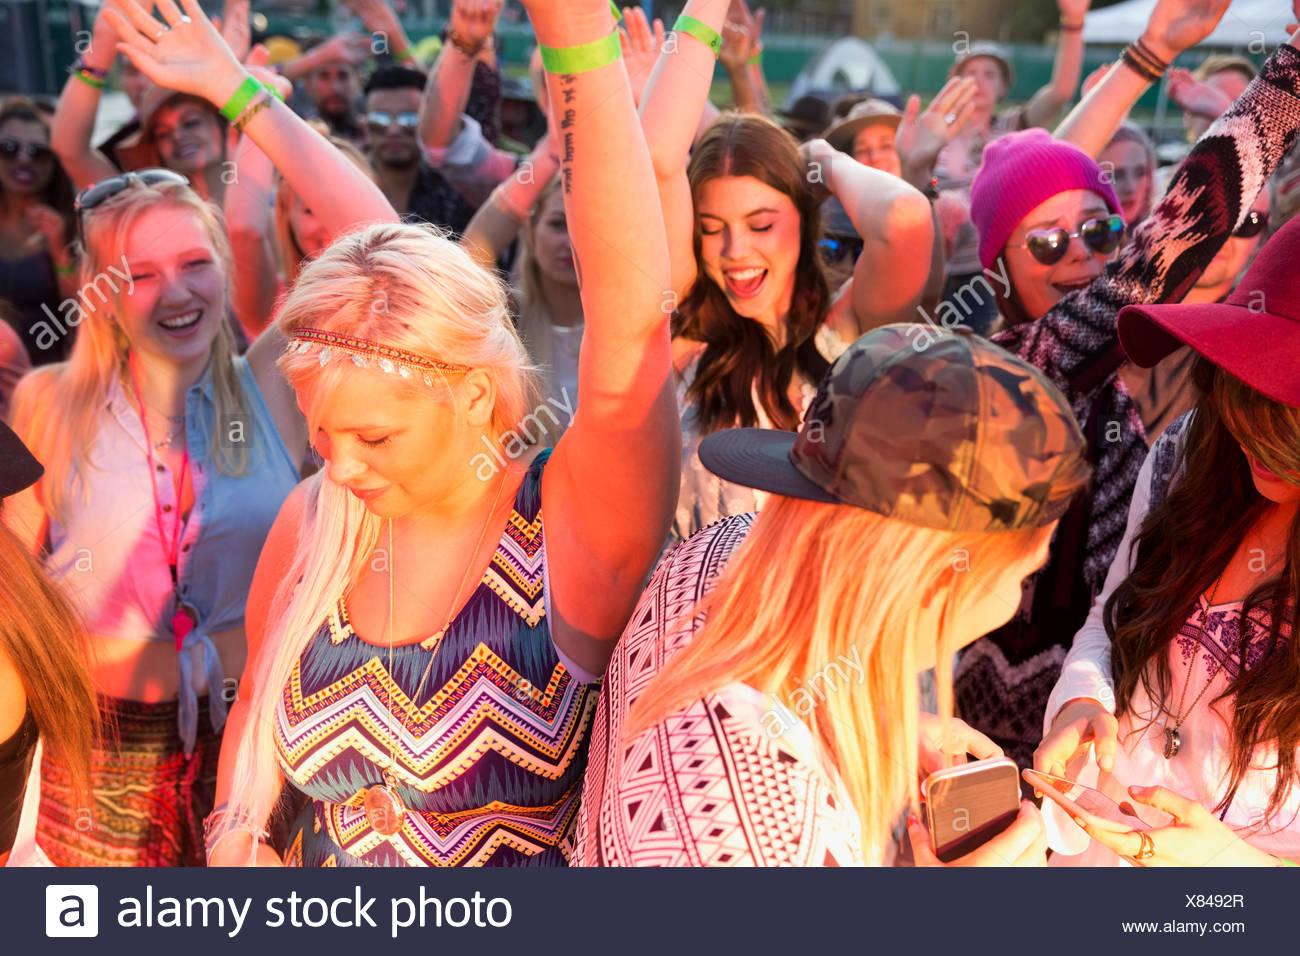 Las mujeres jóvenes bailando en multitud en el festival de música de resumen Imagen De Stock